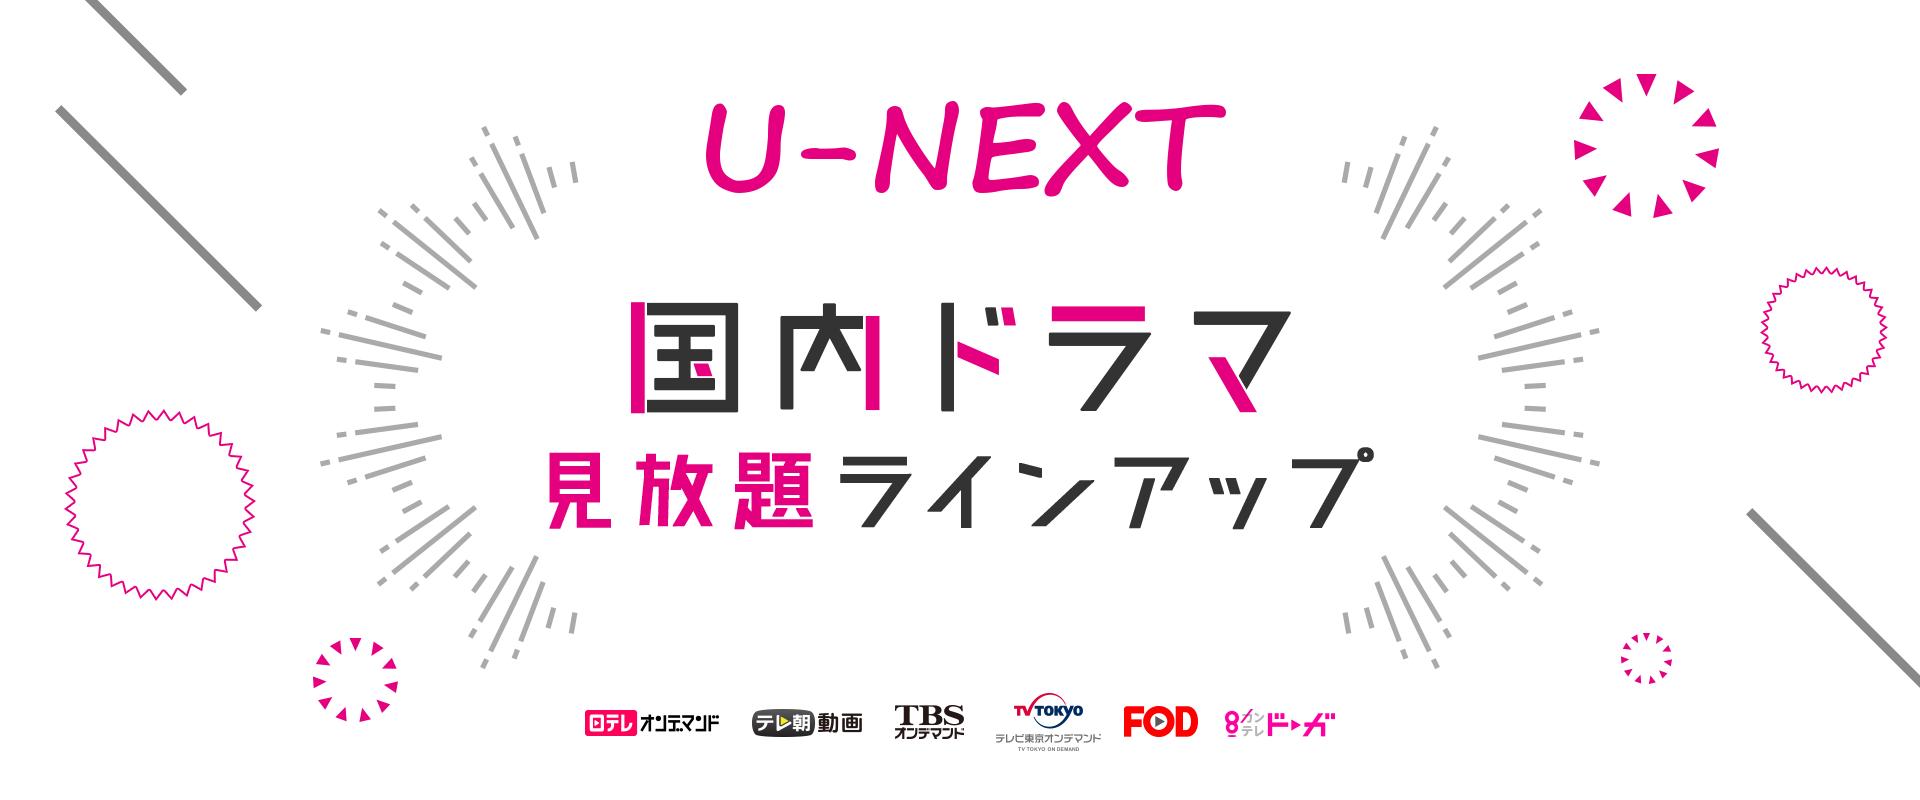 国内ドラマ見放題ラインナップ U-NEXT2